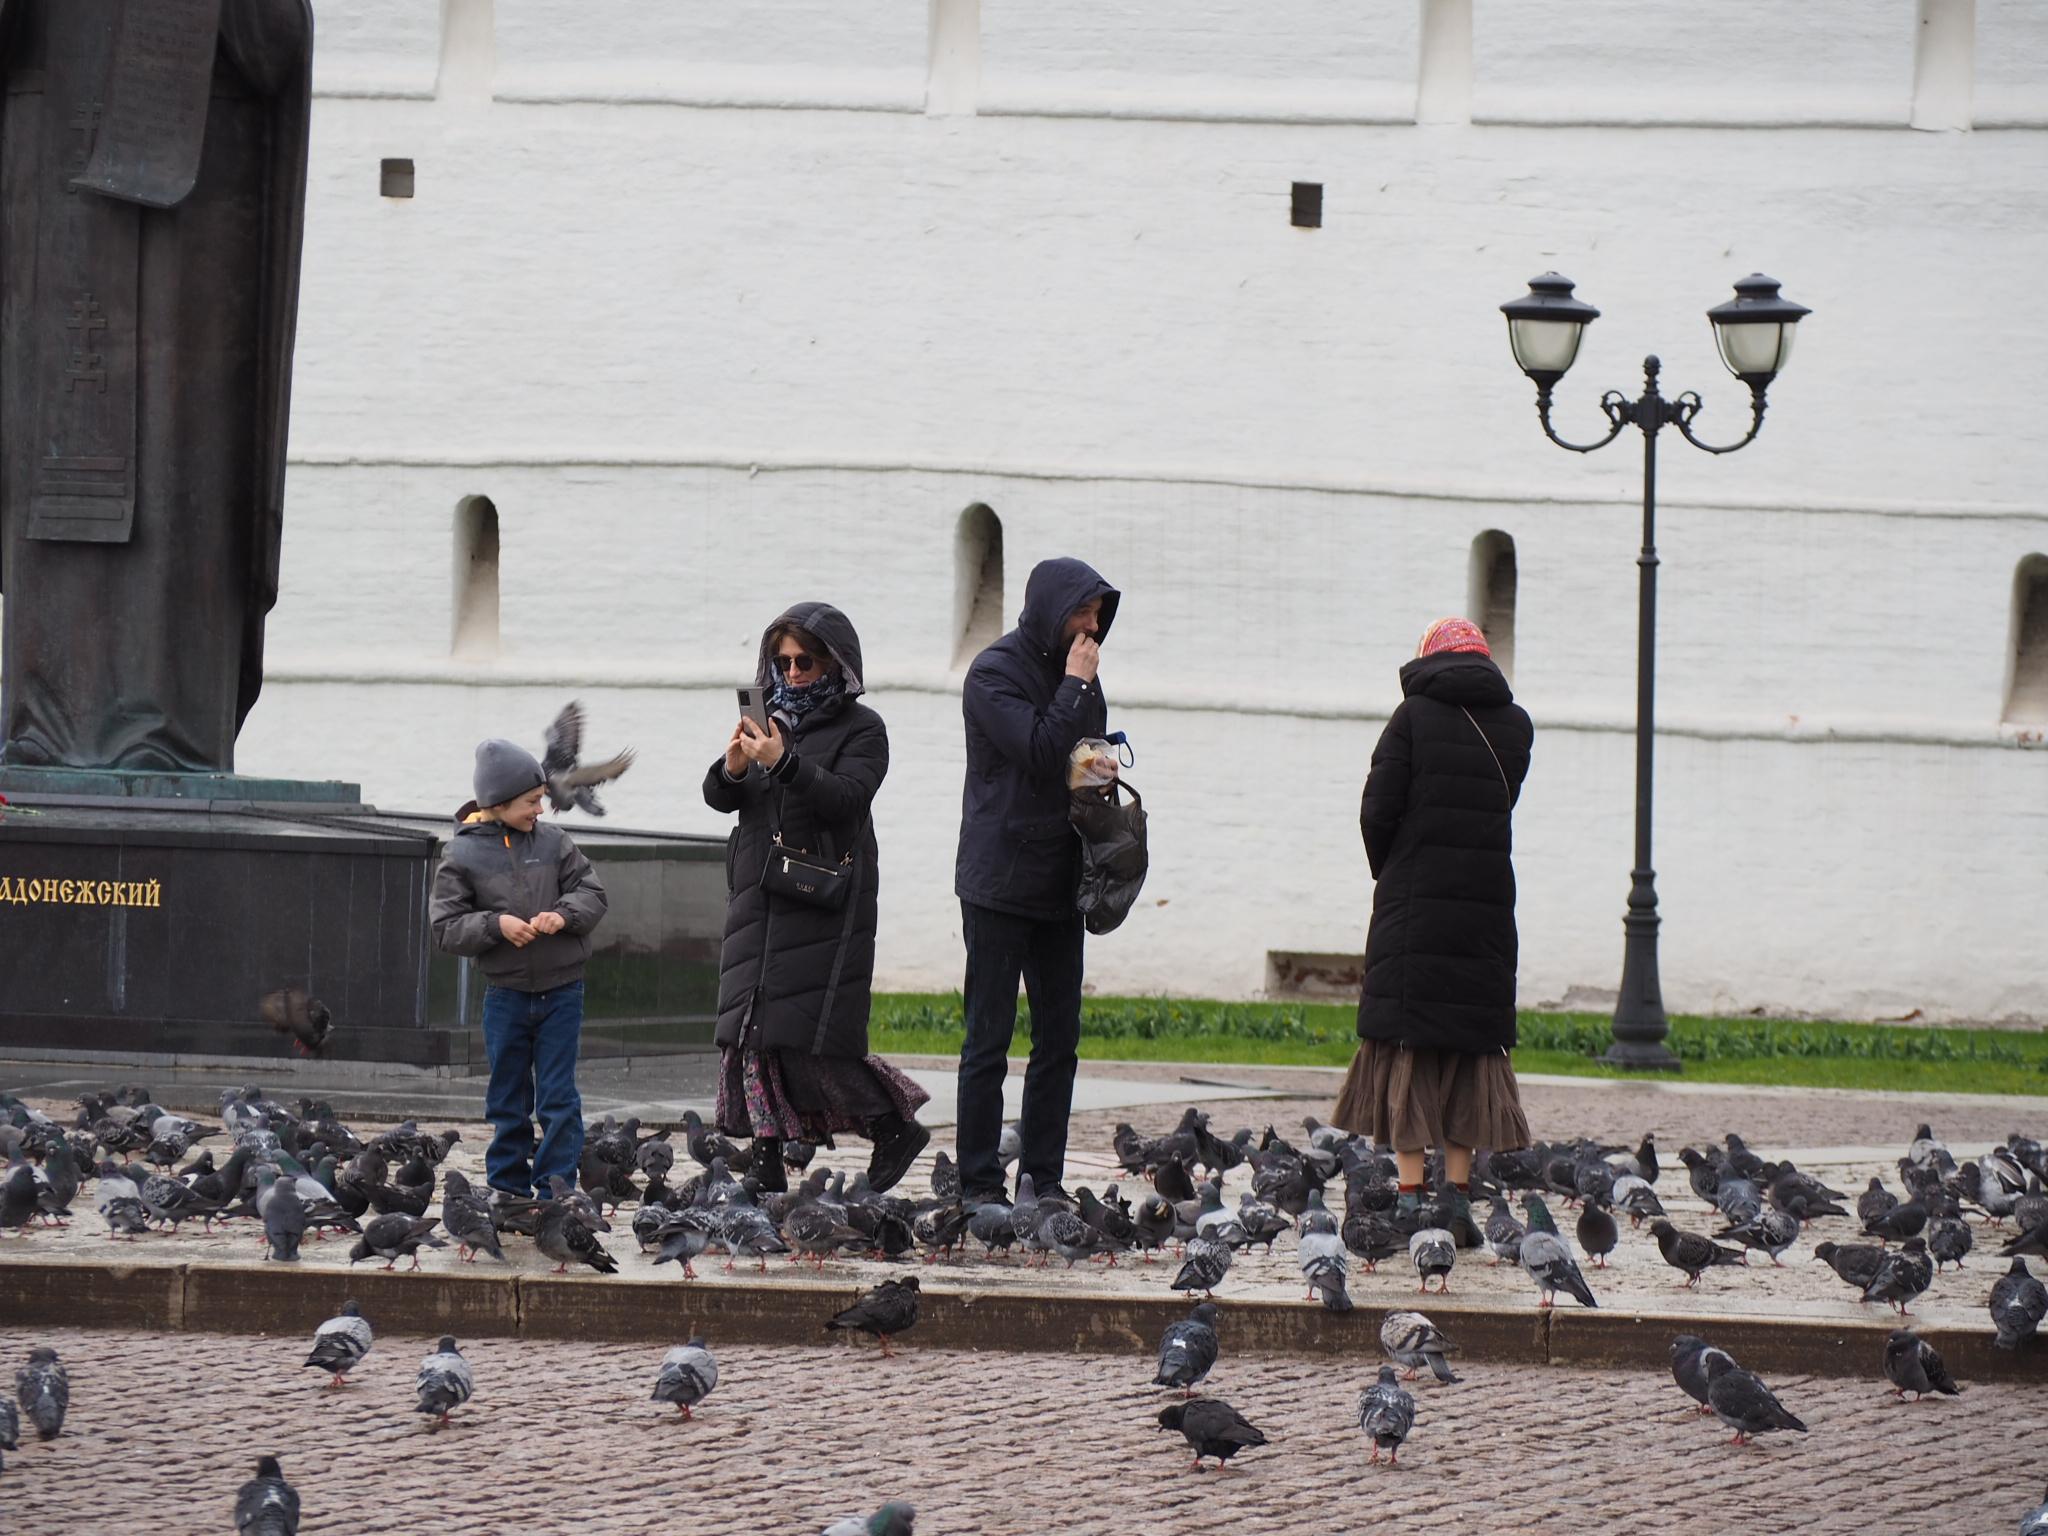 Просто фото  Люди и птицы